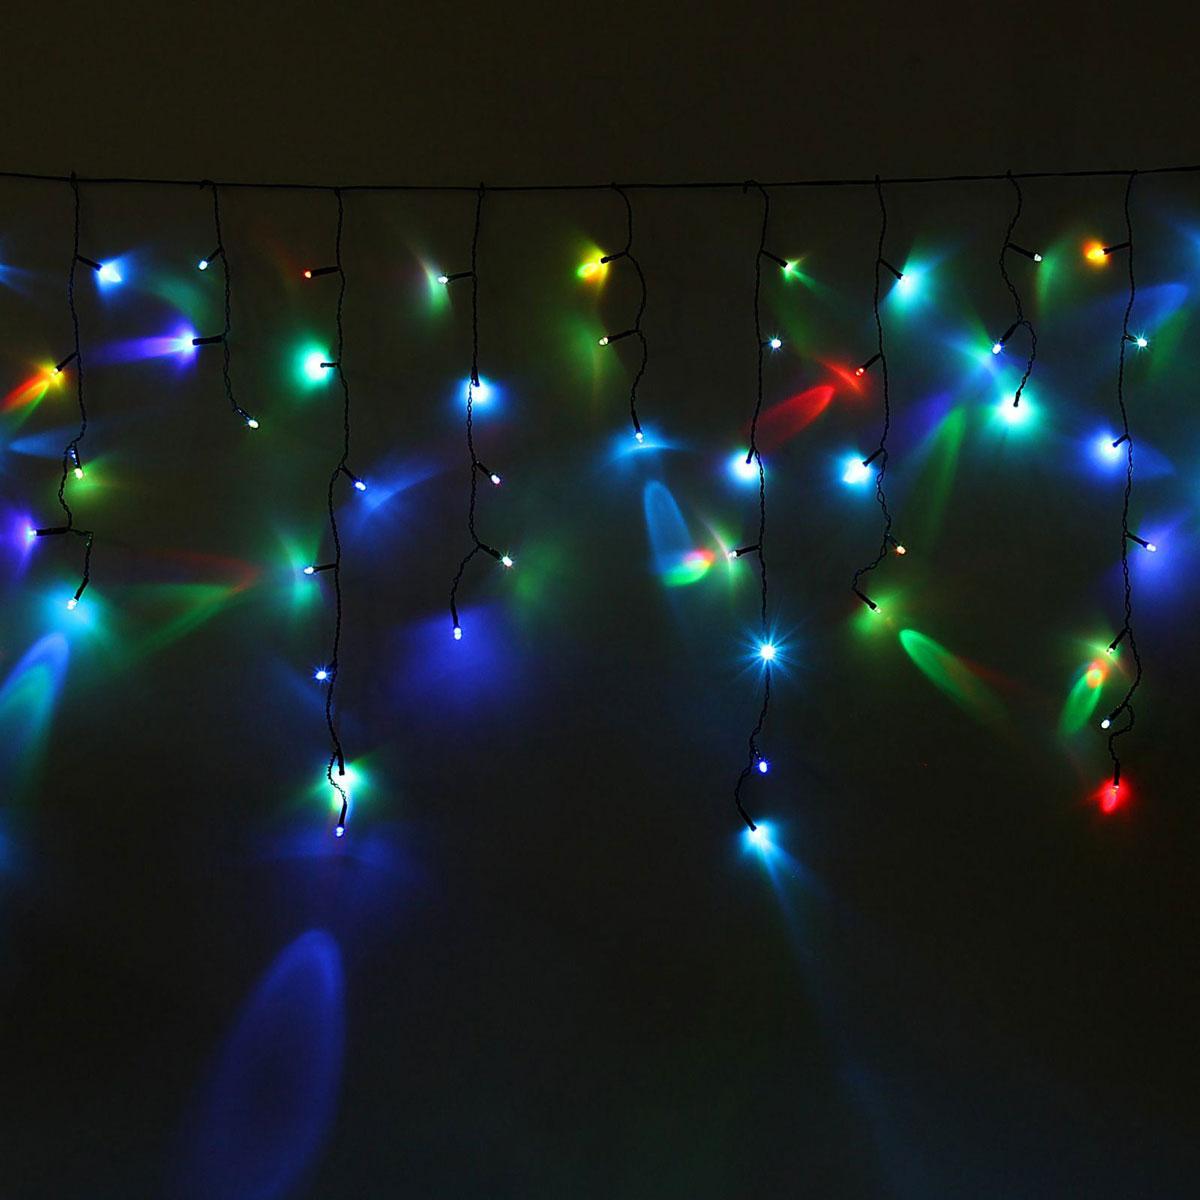 Гирлянда светодиодная Luazon Бахрома, моргает, 60 ламп, 220 V, цвет: мультиколор, 1,2 х 0,6 м. 10804111080411Светодиодные гирлянды, ленты и т.д — это отличный вариант для новогоднего оформления интерьера или фасада. С их помощью помещение любого размера можно превратить в праздничный зал, а внешние элементы зданий, украшенные ими, мгновенно станут напоминать очертания сказочного дворца. Такие украшения создают ауру предвкушения чуда. Деревья, фасады, витрины, окна и арки будто специально созданы, чтобы вы украсили их светящимися нитями.